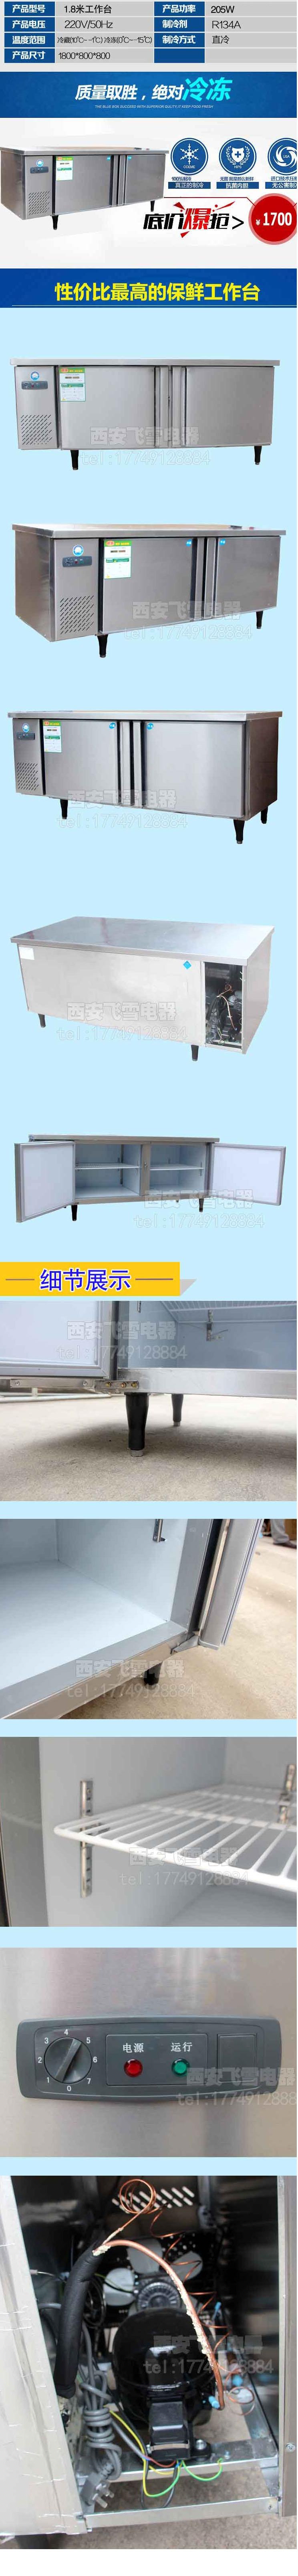 西安1.5米平冷工作台